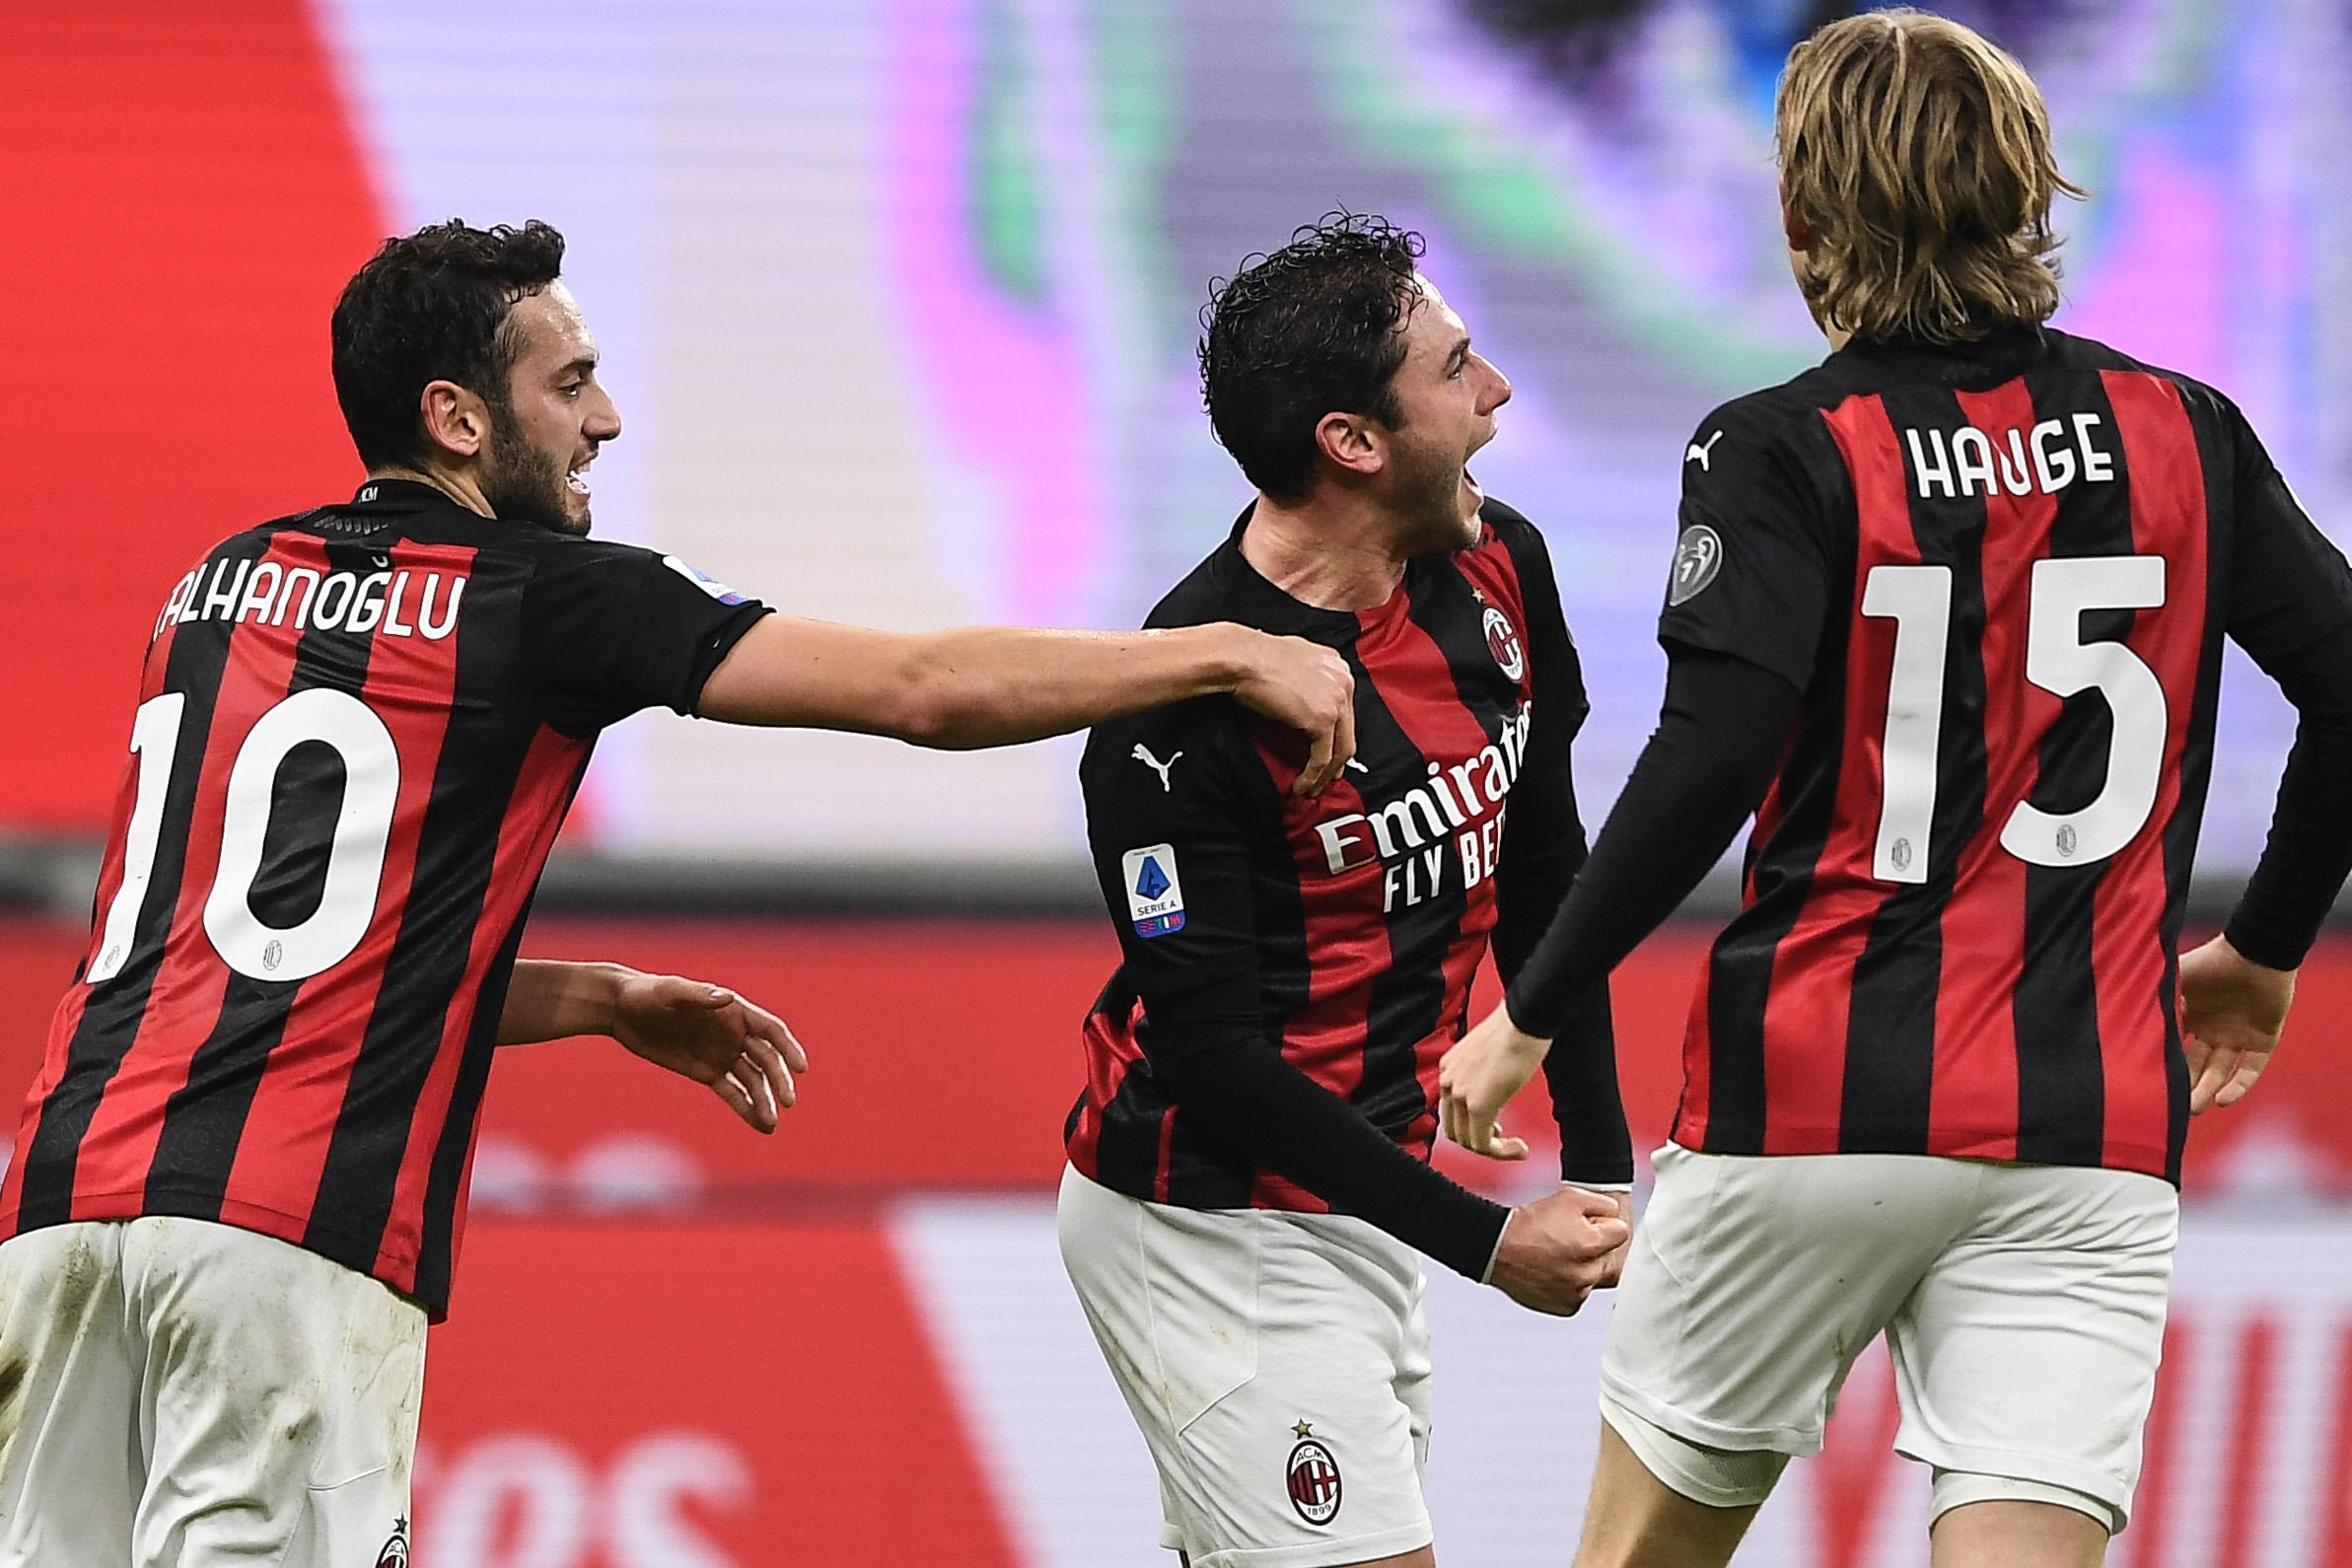 Milan-Calabria, la novità di mercato è ufficiale |  Sport e Vai